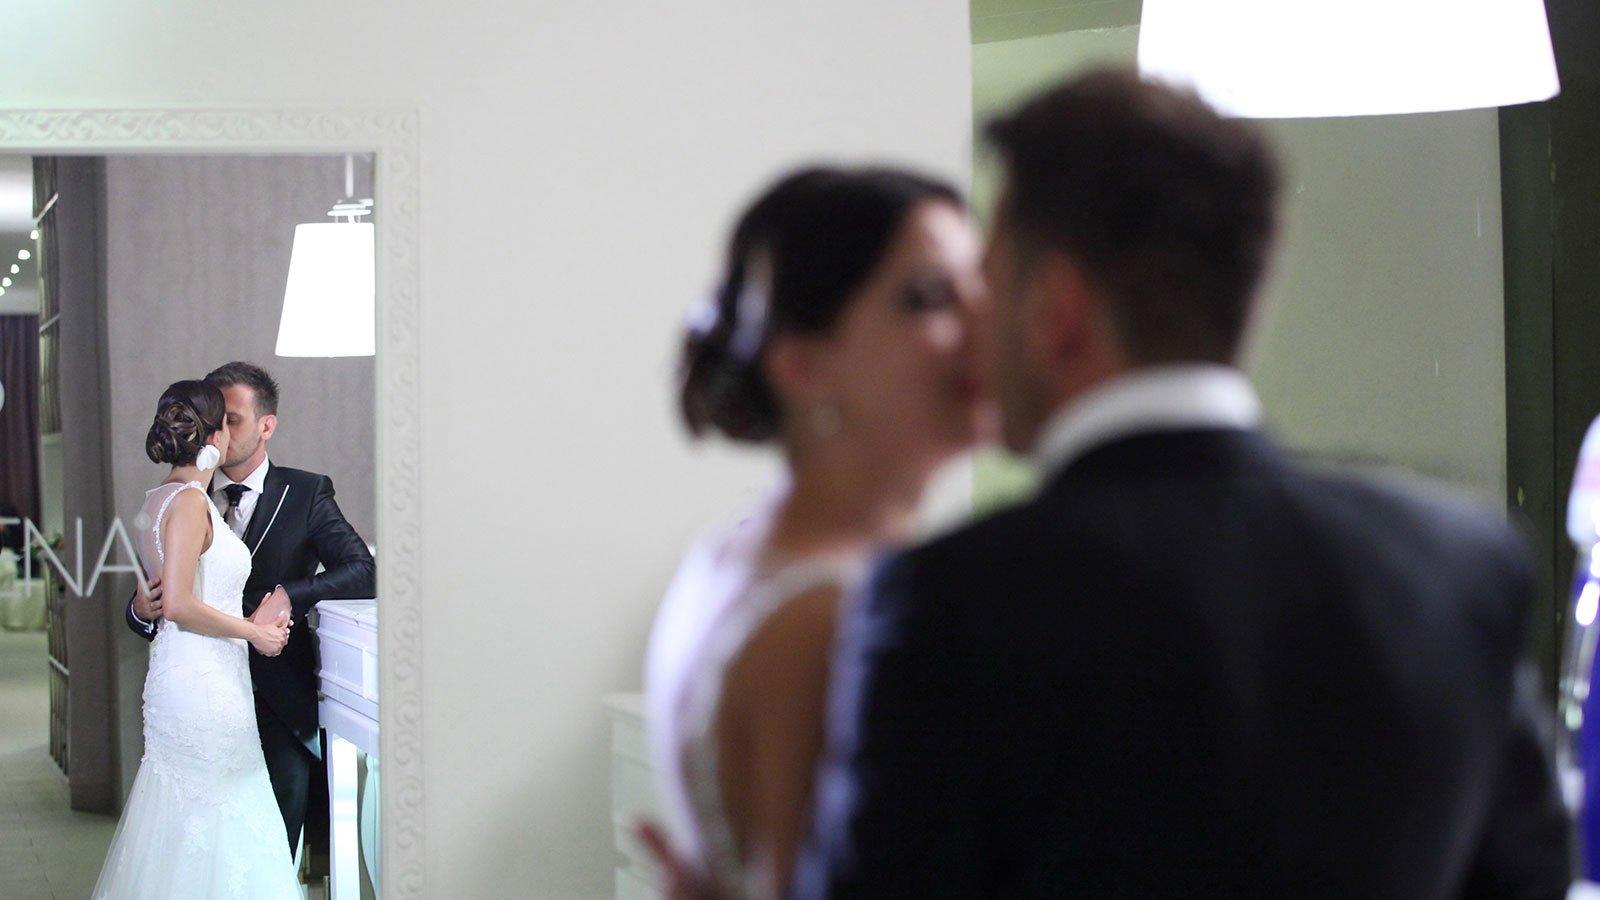 due sposi che si baciano e sulla sinistra uno specchio